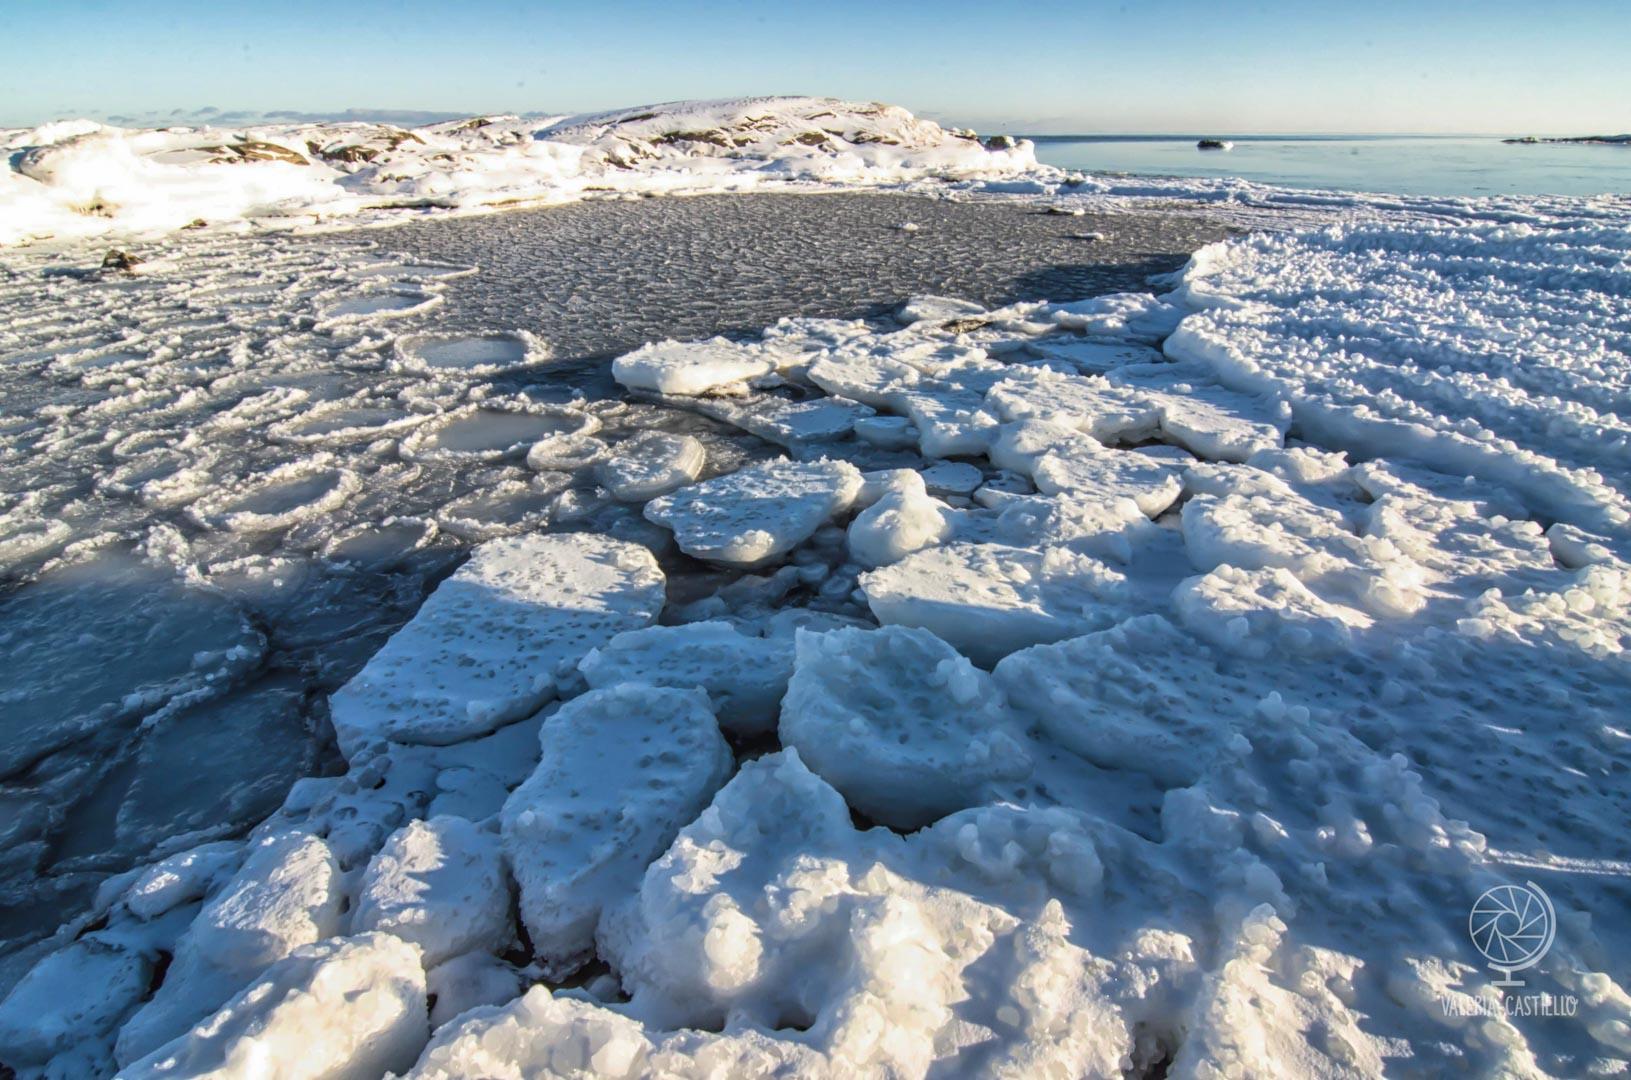 Esempio di Pack Ice (Mare ghiacciato in Svezia del Nord)